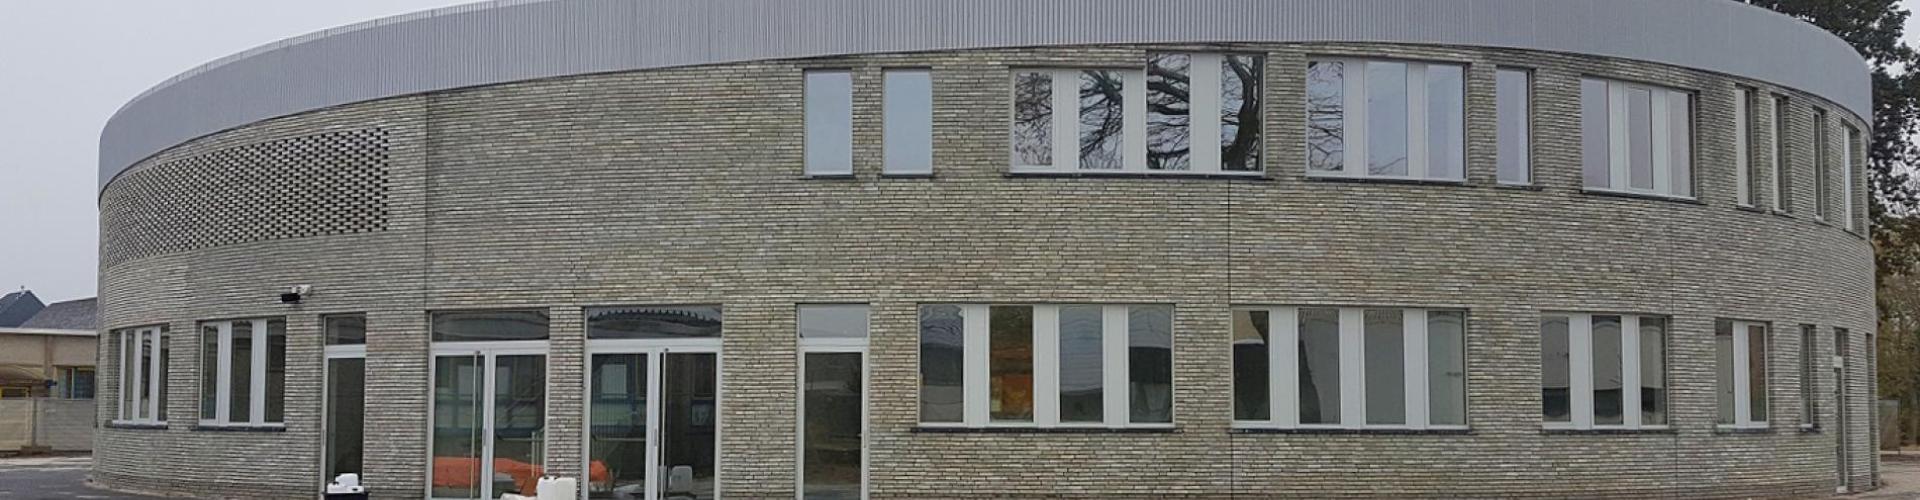 Basisschool De Brug Bocholt